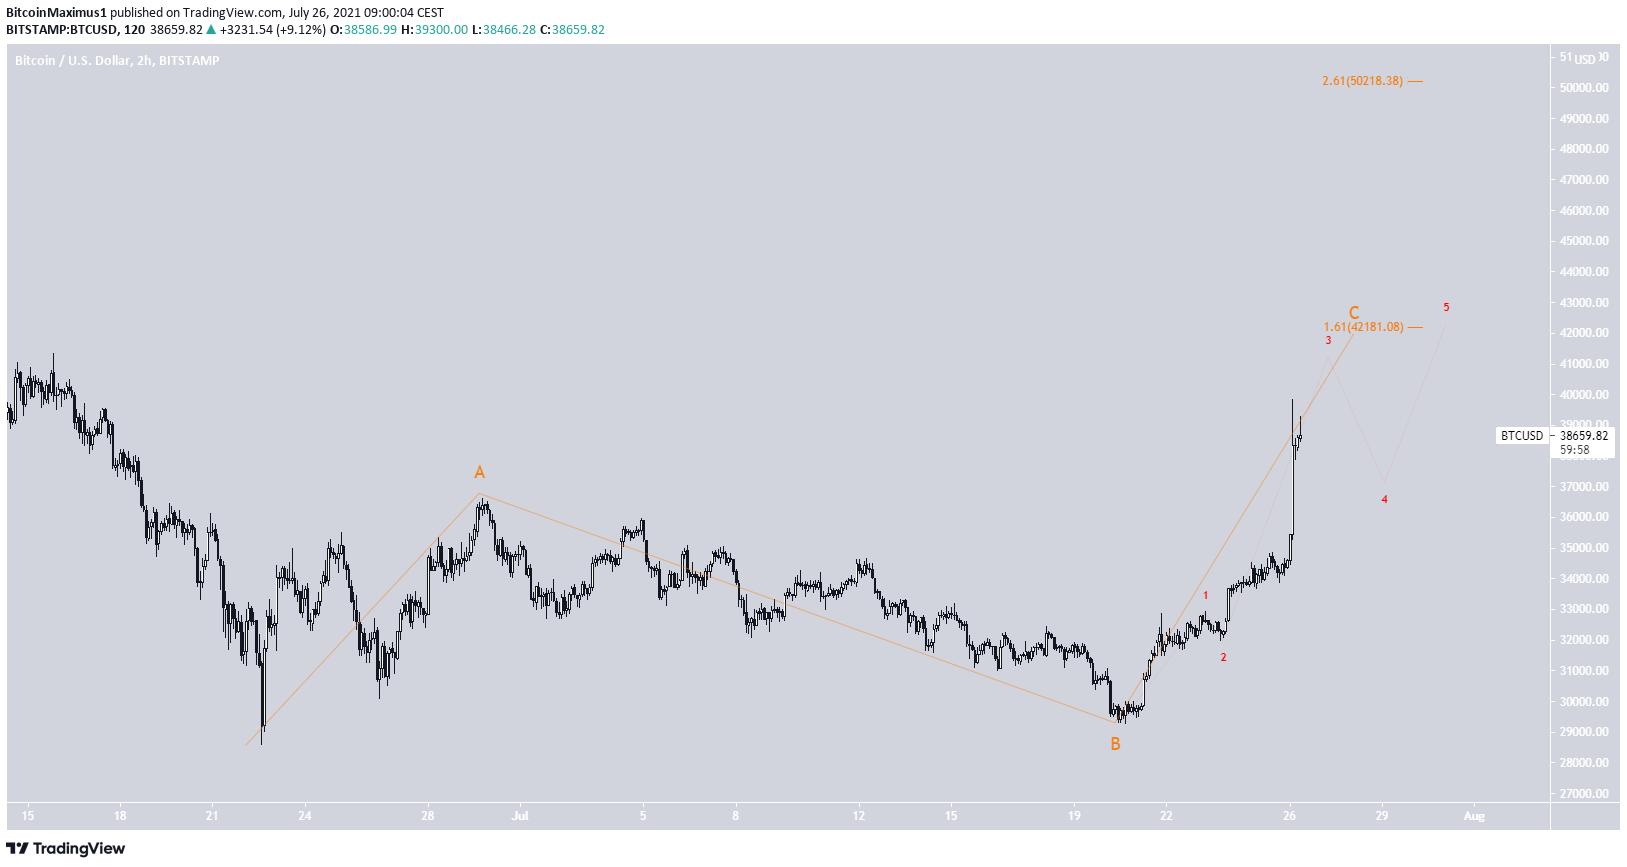 Short-term BTC